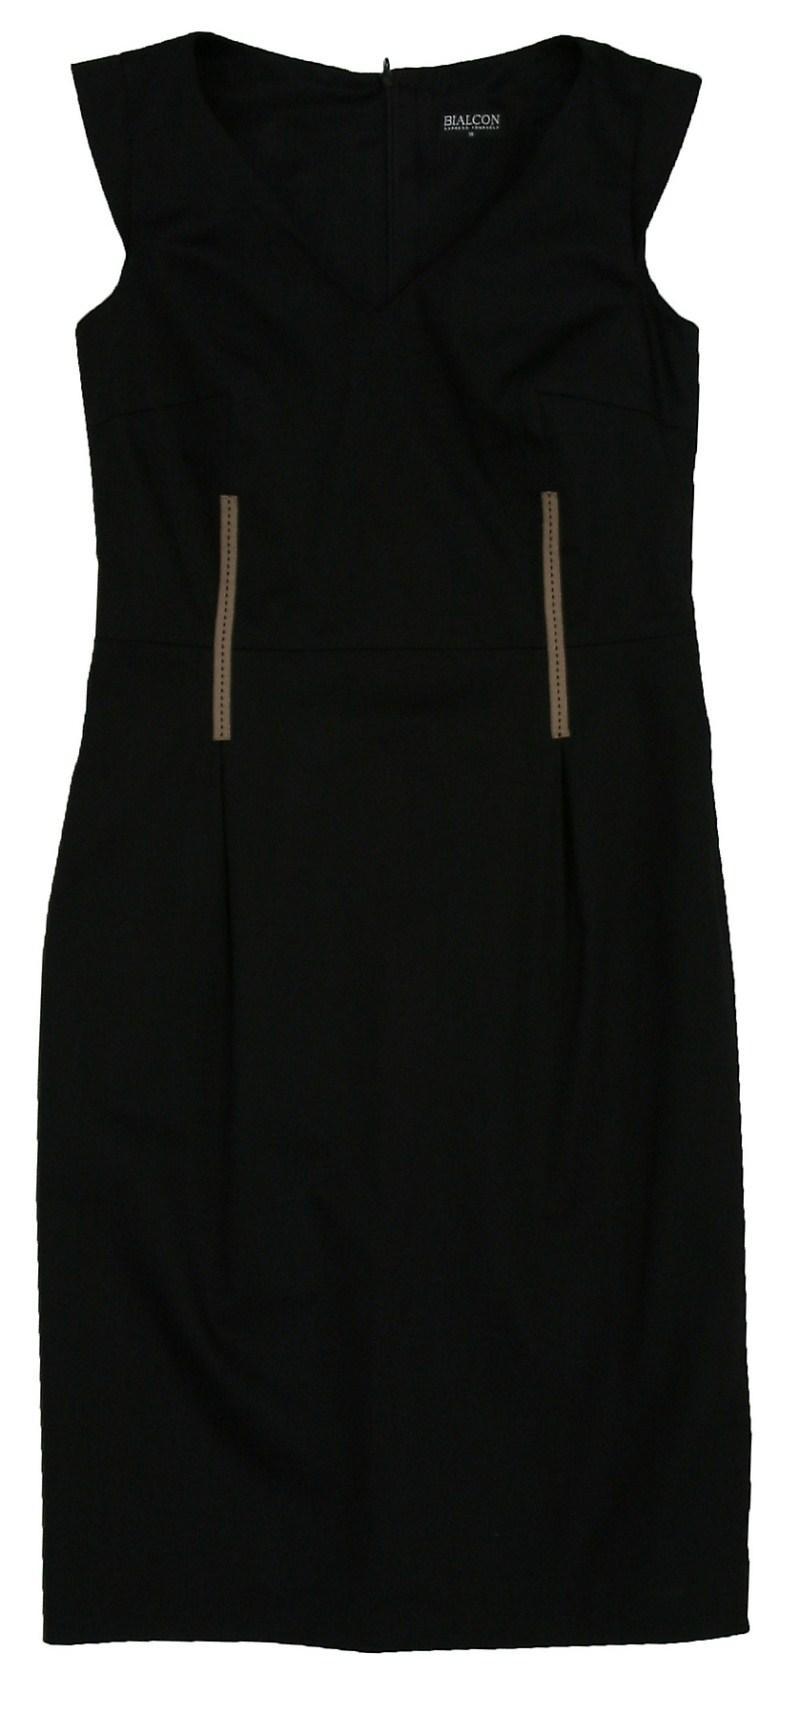 czarna sukienka Bialcon - wiosna-lato 2011